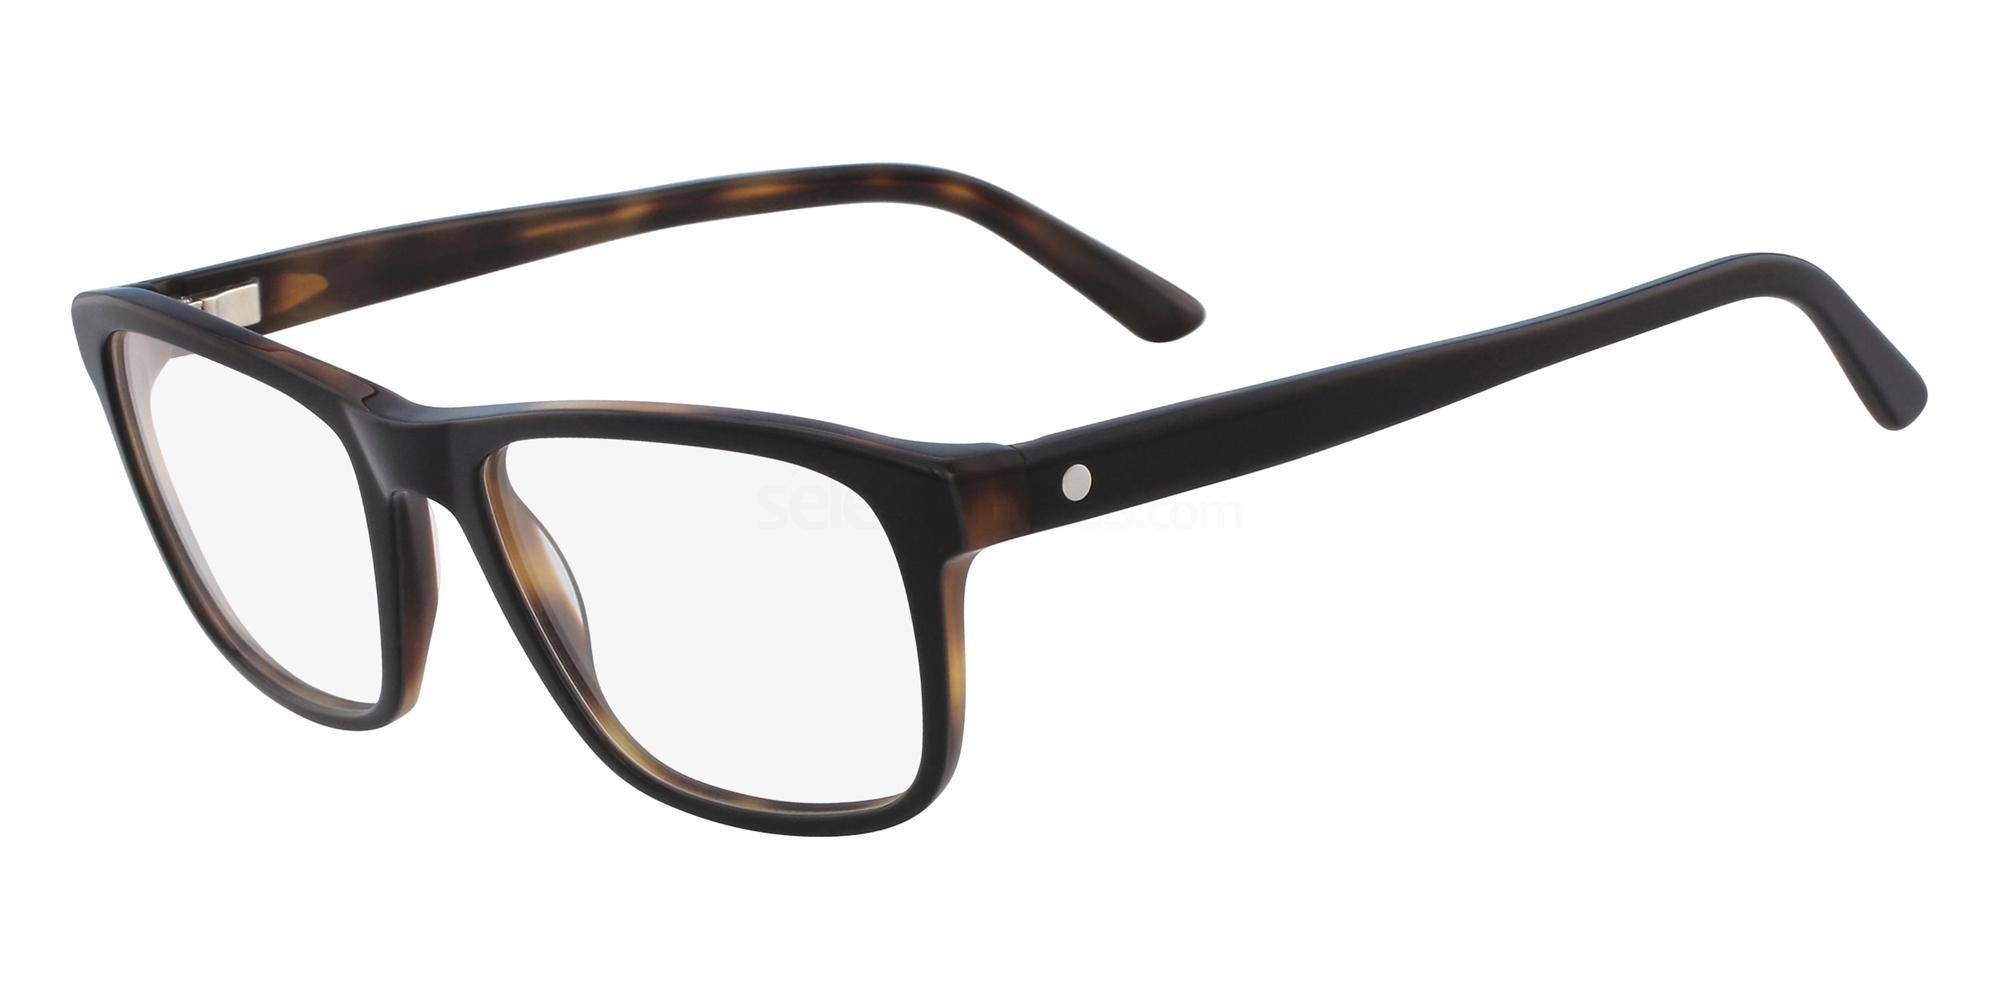 001 2687 ABELVATTNET Glasses, Skaga